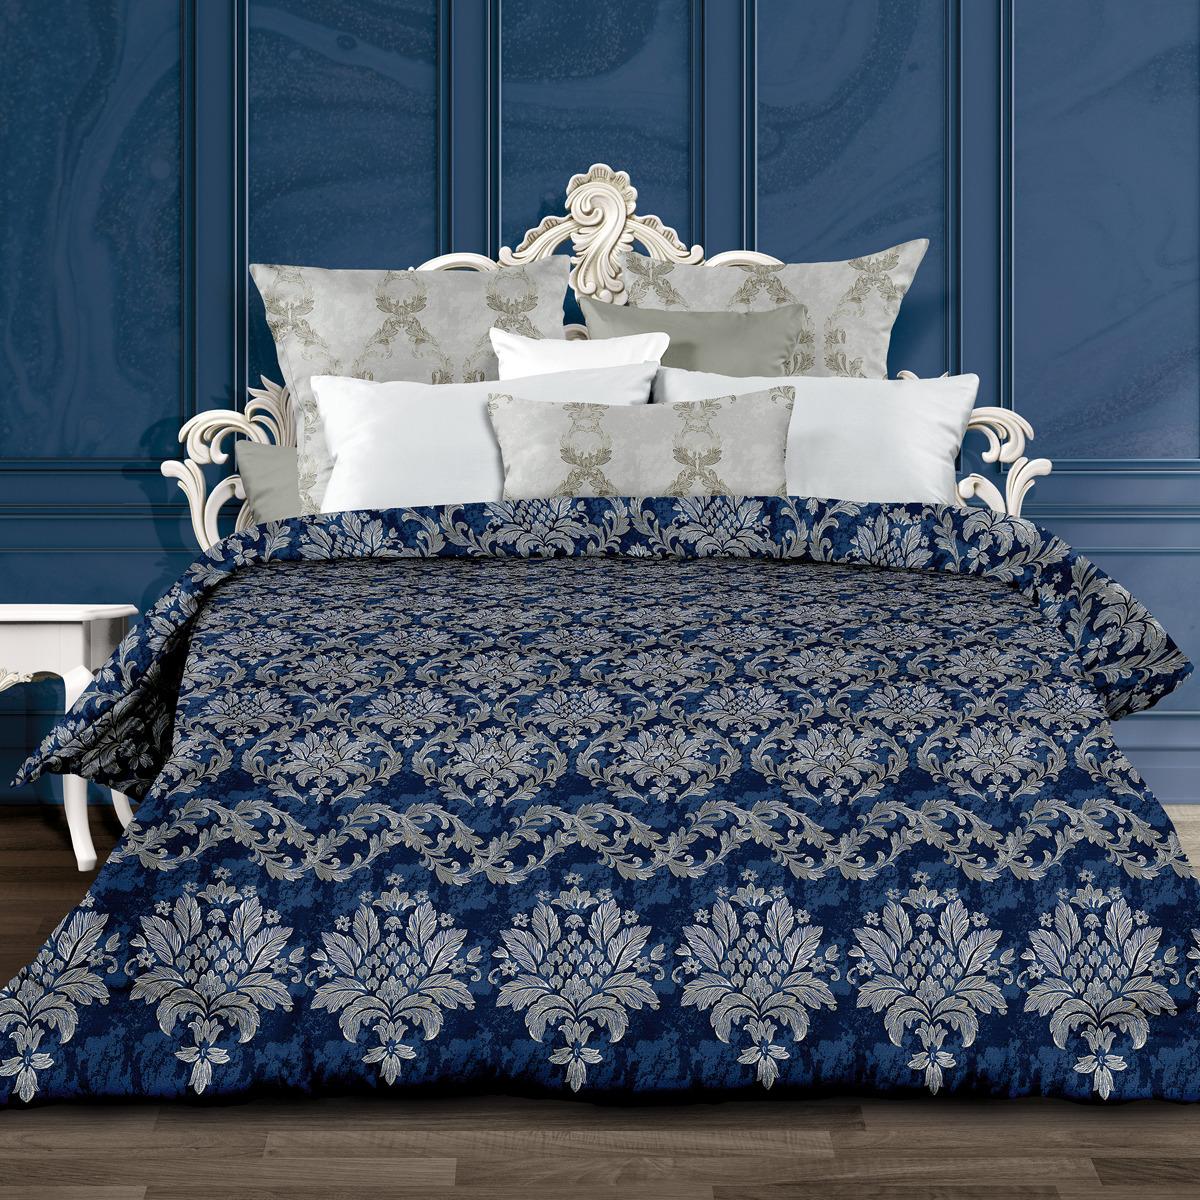 Комплект постельного белья Унисон Бенедикт, 556902, 2-спальный, наволочки 70x70 комплект постельного белья унисон бархат